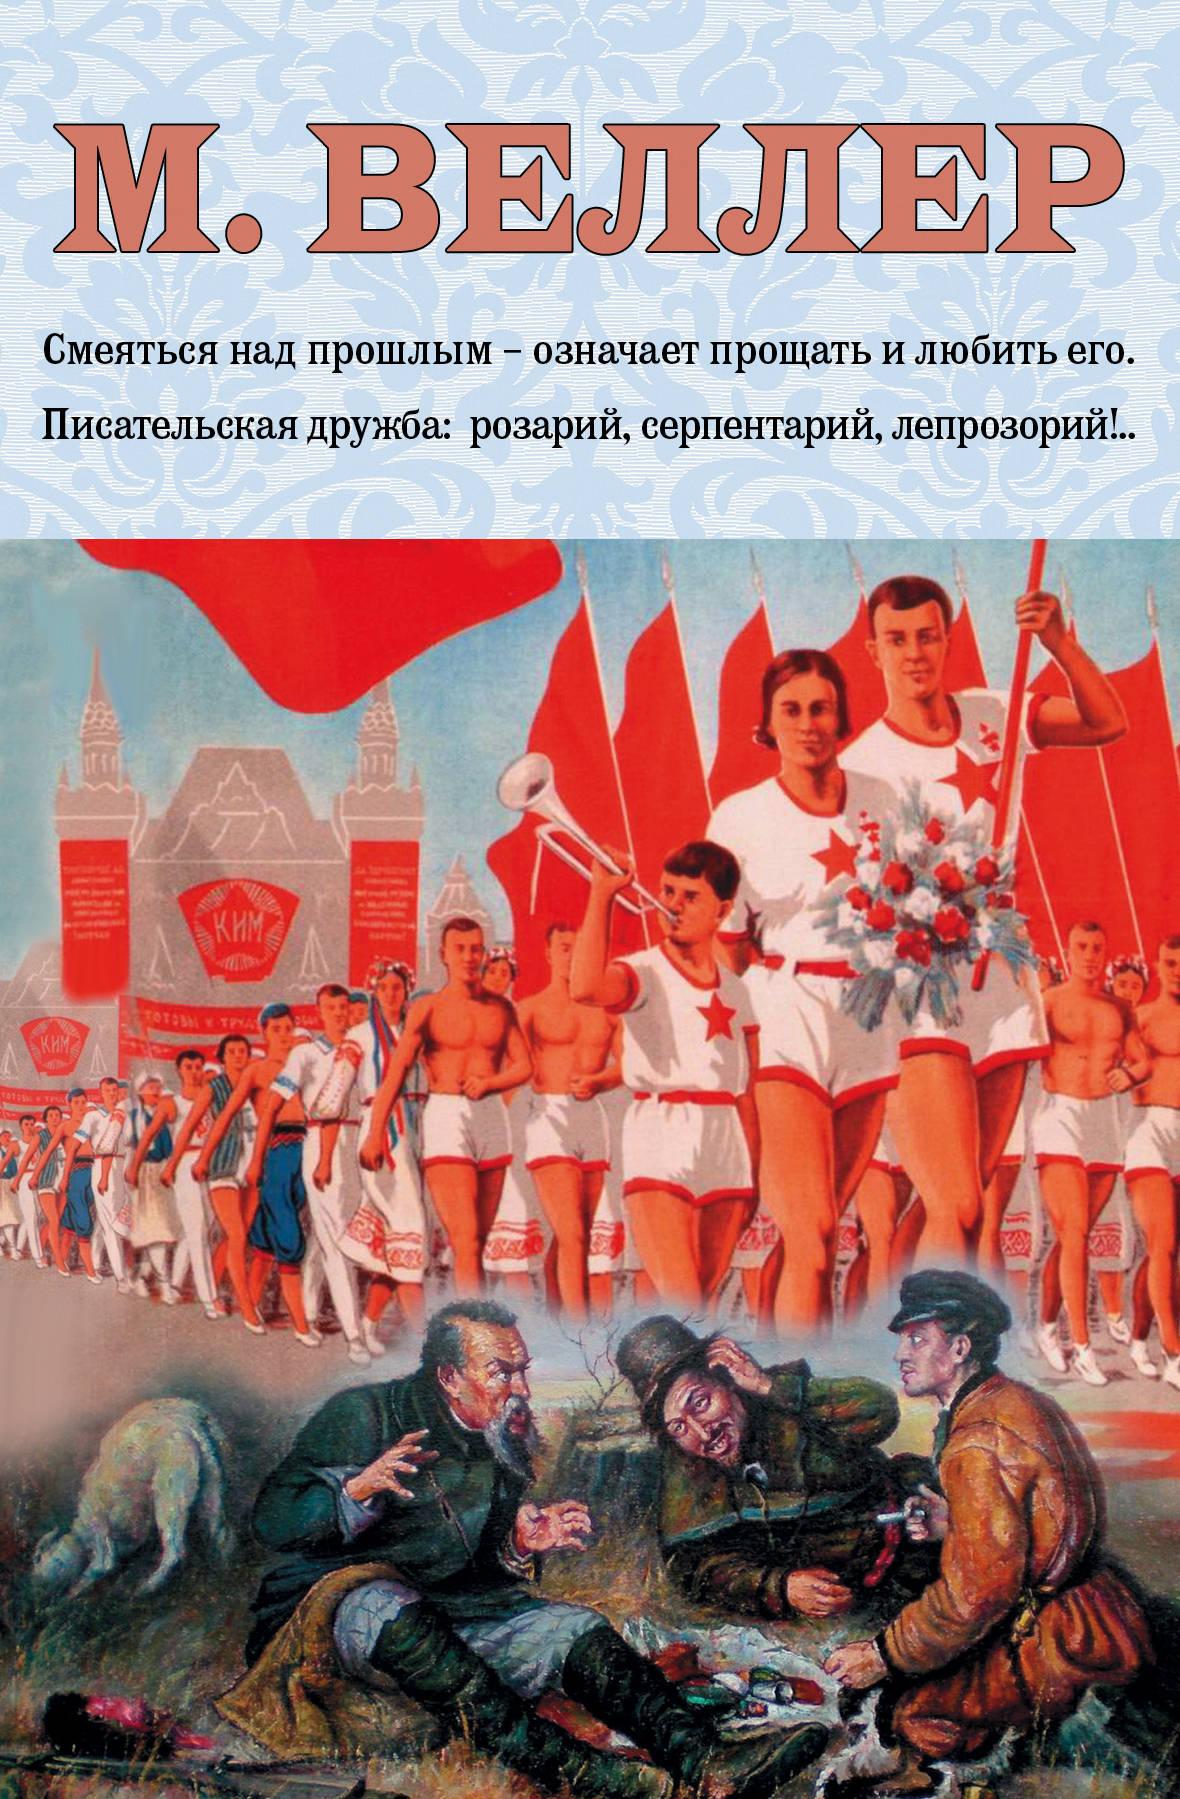 С детства приучен к кпрасивым лозунгам. Родной советской властью, мля, приучен. Фото: Гугл.